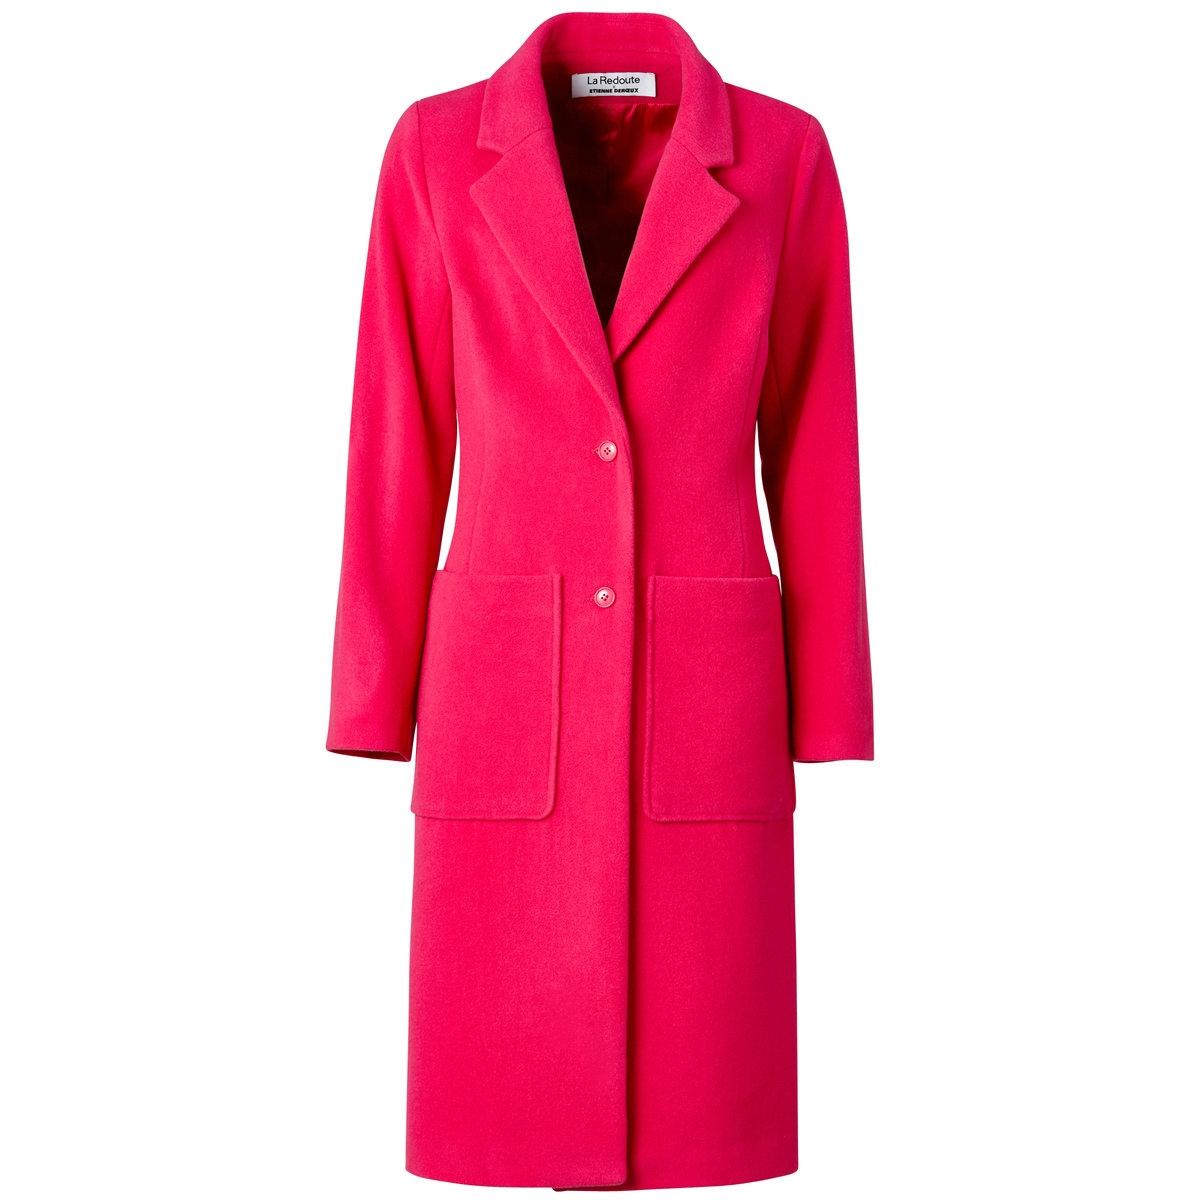 Пальто из 100% шерстиПальто прямого покроя из 100% шерсти. 2 накладных кармана. Подкладка из 100% вискозы. Длина 109 см.<br><br>Цвет: фуксия<br>Размер: 38 (FR) - 44 (RUS)